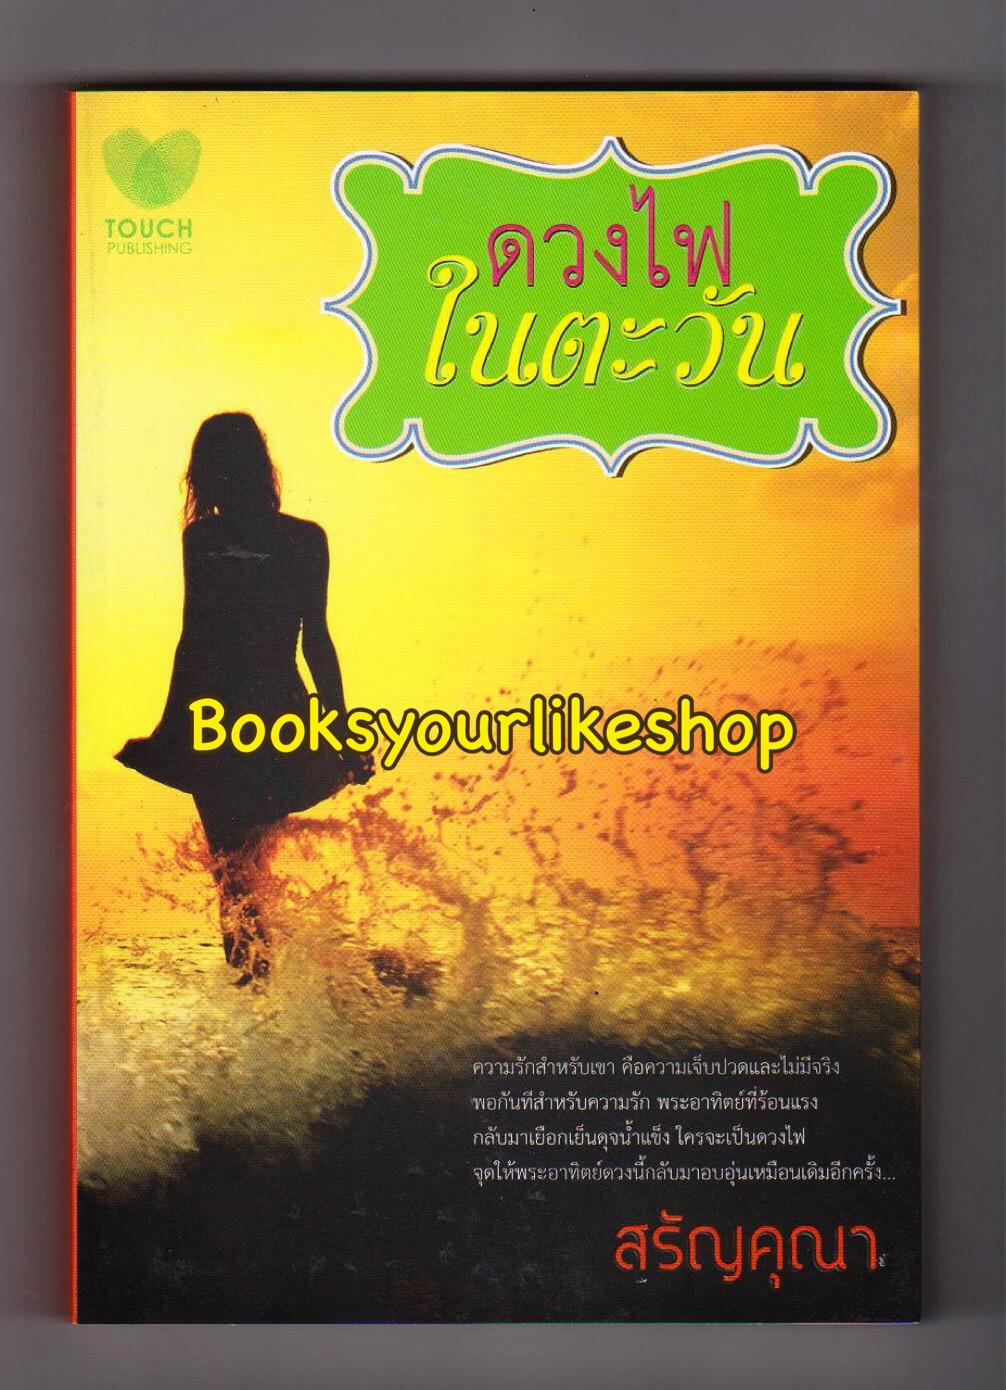 ดวงไฟในตะวัน / สรัญคุณา / สนพ. Touch Publications หนังสือใหม่